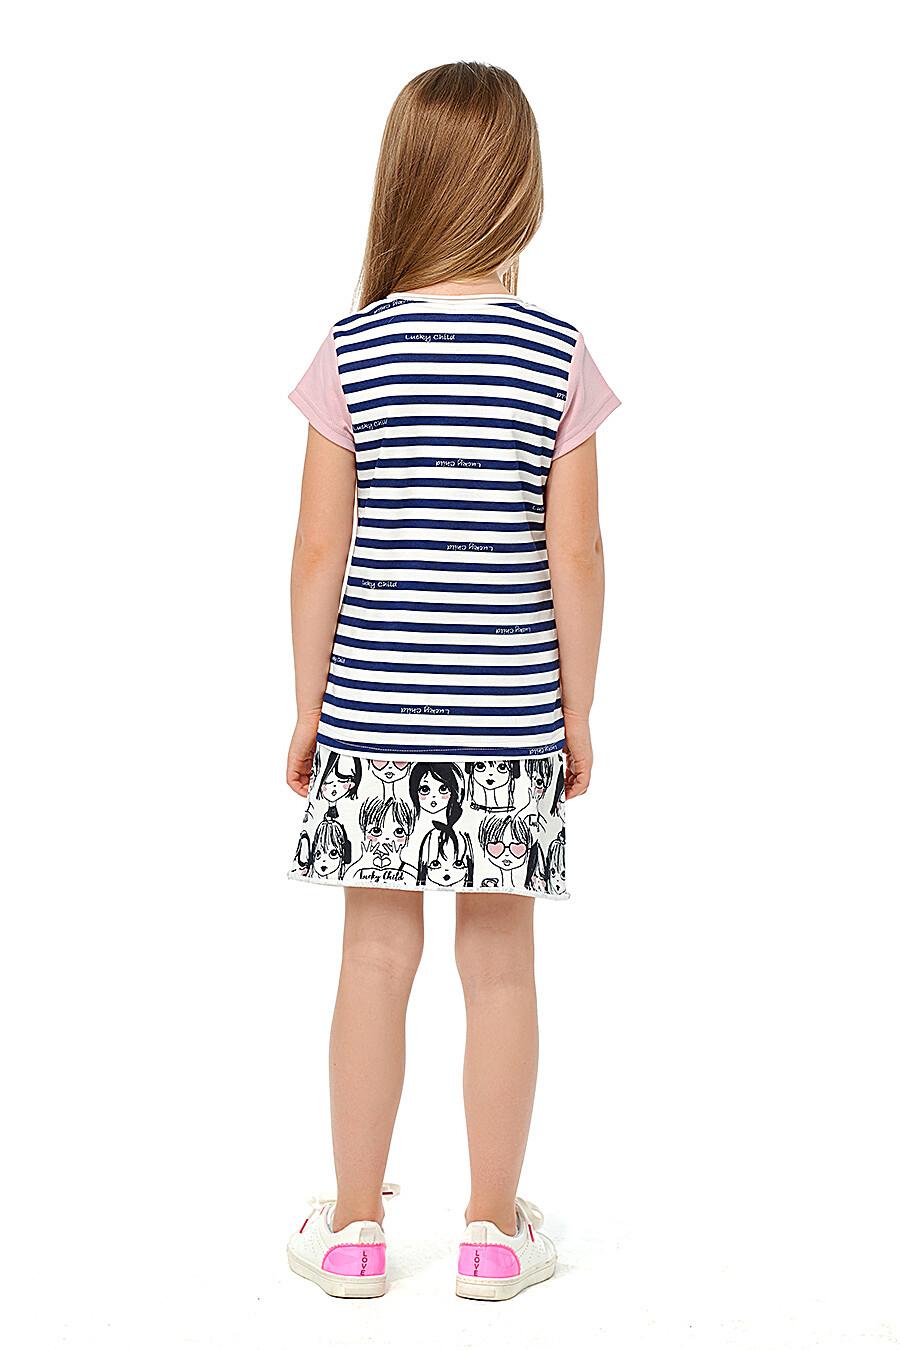 Юбка для девочек LUCKY CHILD 184484 купить оптом от производителя. Совместная покупка детской одежды в OptMoyo